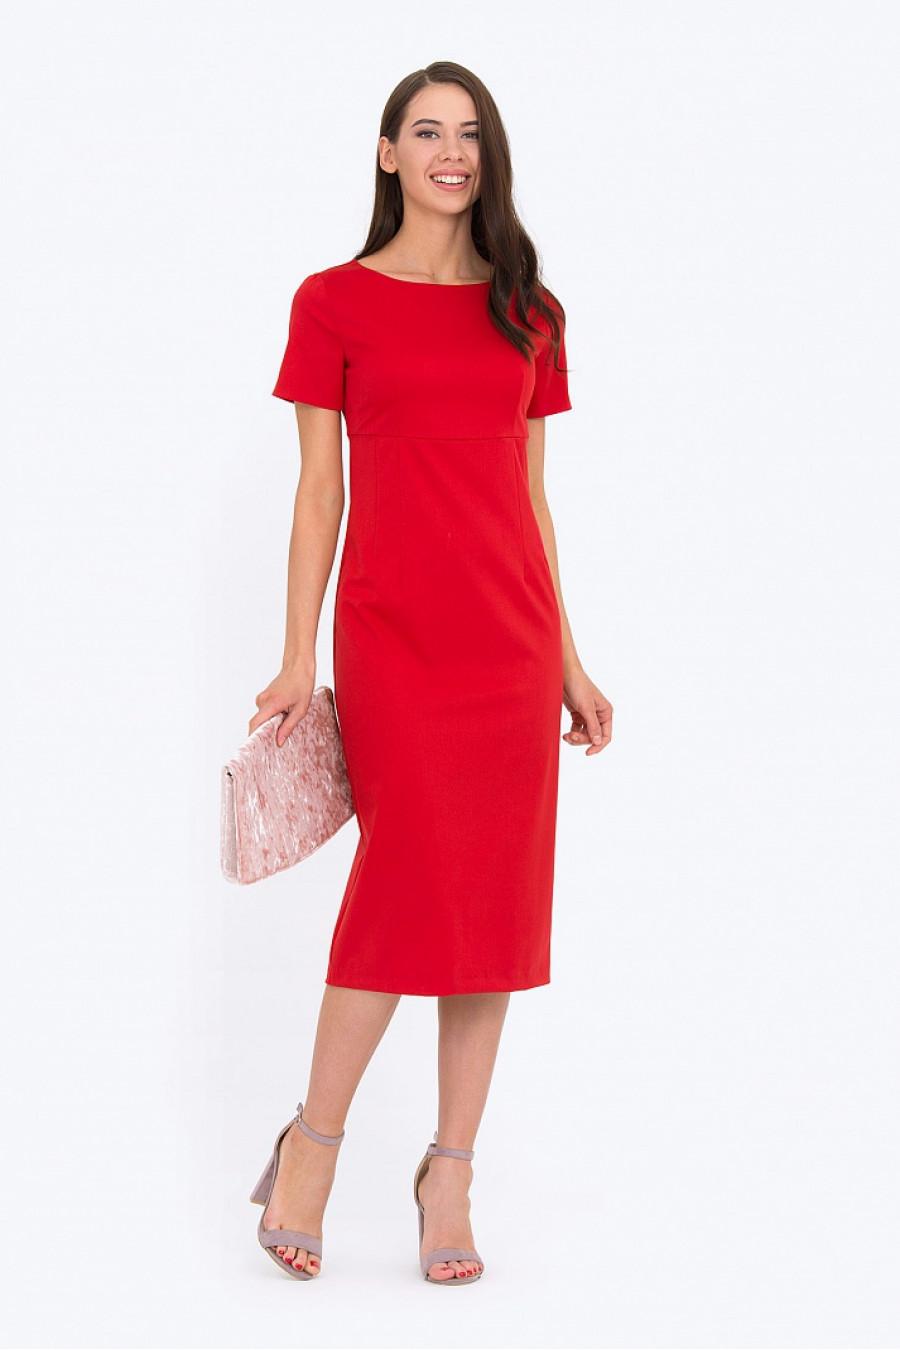 Платья из красной ткани